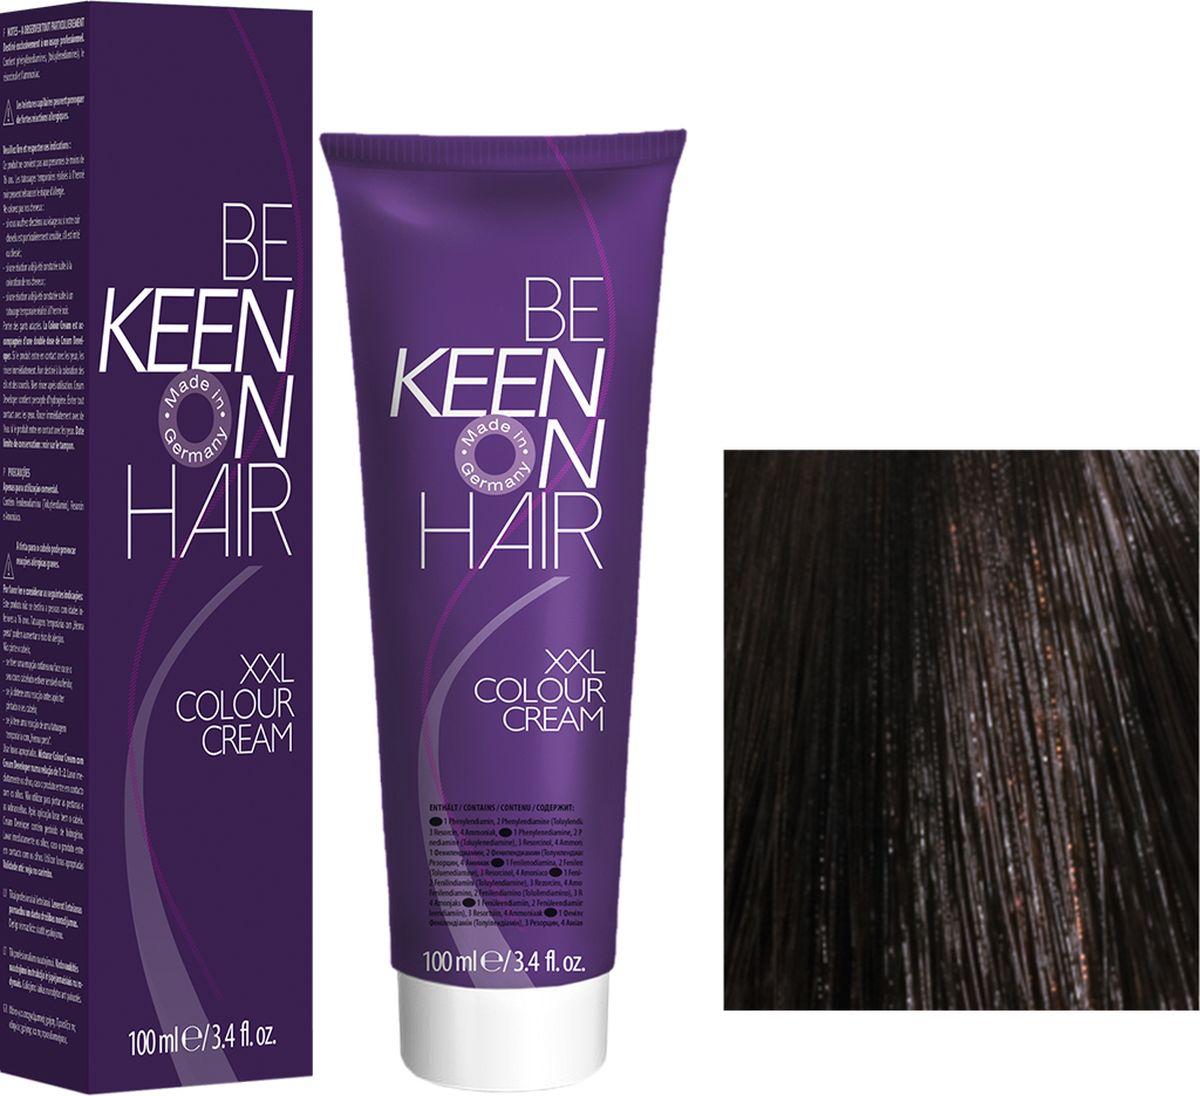 Keen Краска для волос 4.71 Кардамон Kardamon, 100 мл69100016Модные оттенкиБолее 100 оттенков для креативной комбинации цветов.ЭкономичностьПри использовании тюбика 100 мл вы получаете оптимальное соотношение цены и качества!УходМолочный белок поддерживает структуру волоса во время окрашивания и придает волосам блеск и шелковистость. Протеины хорошо встраиваются в волосы и снабжают их влагой.